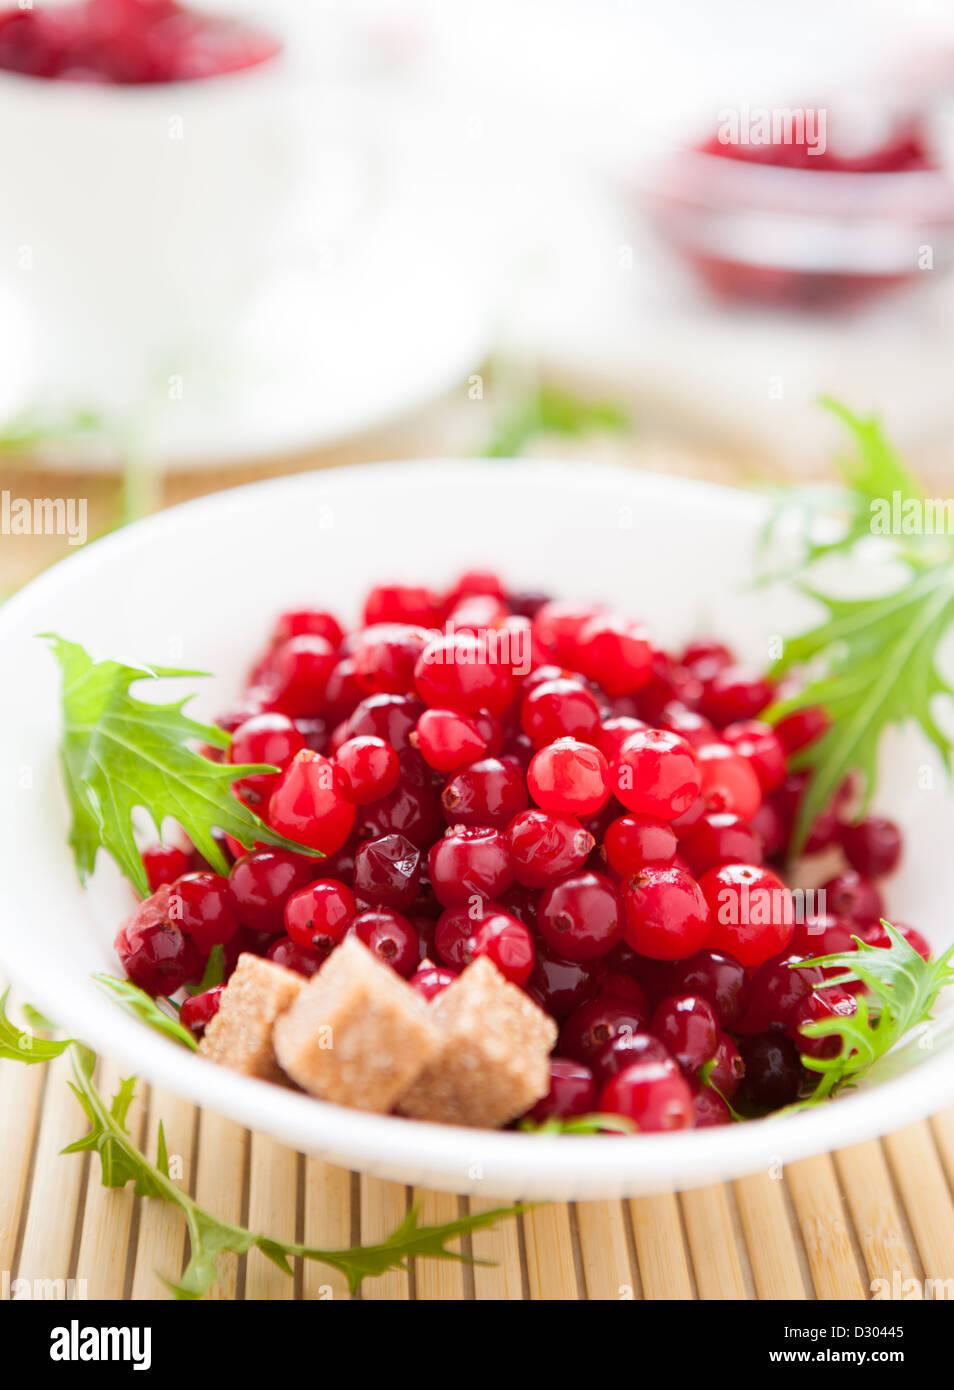 Cranberry mit Rohrzucker in einer Schüssel weiß, Nahaufnahme Stockbild